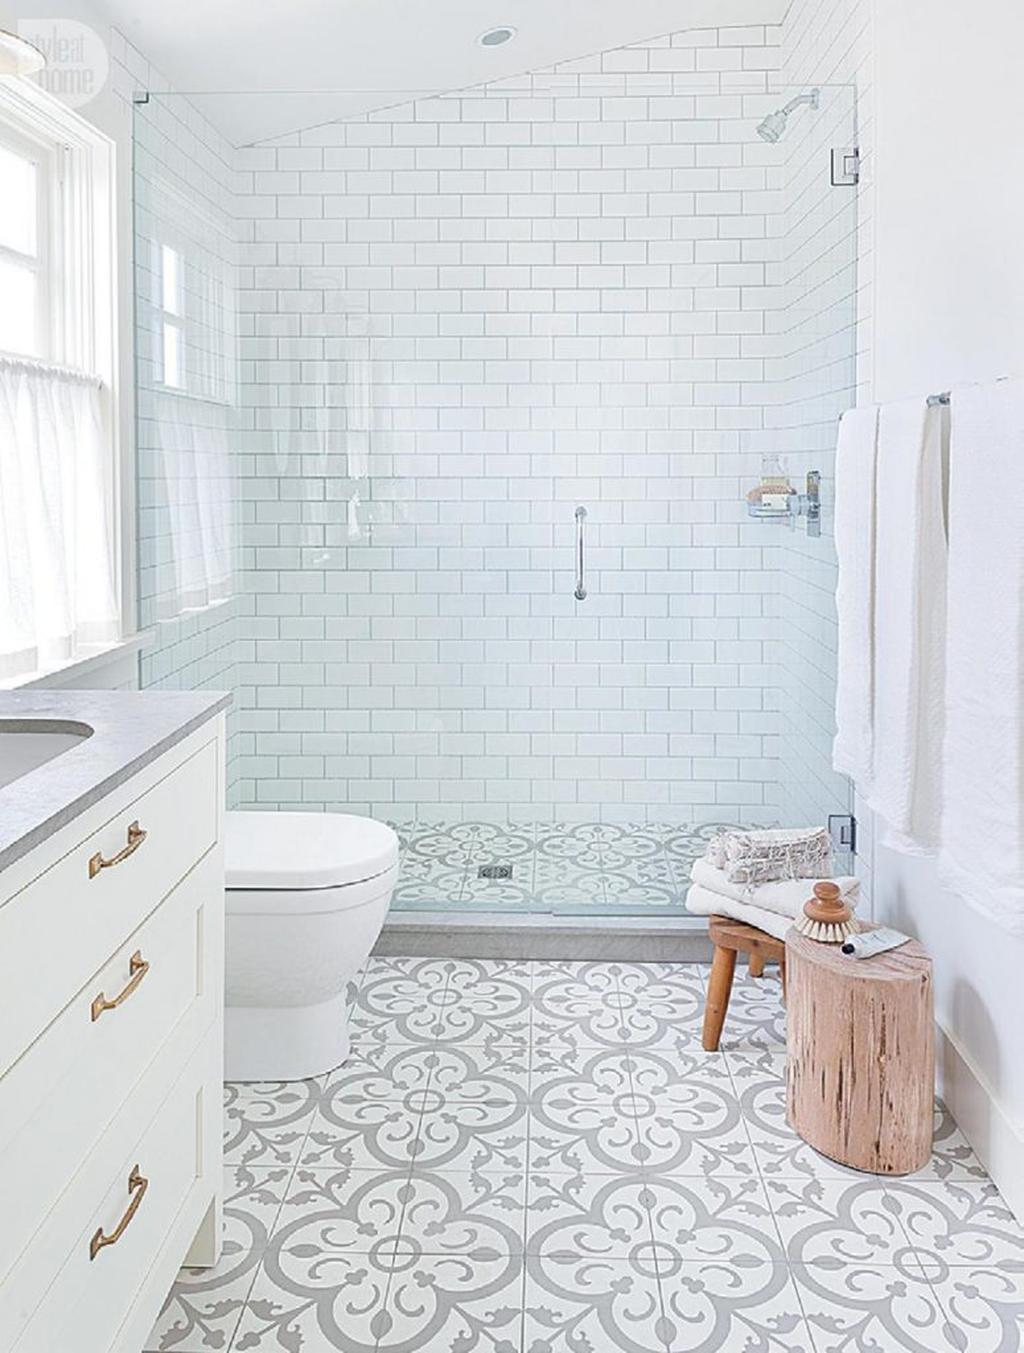 How To Decor Bathroom Towels How To Decor Bathroom Towels Diy For Bathroom Decor Bathroom Wall De In 2020 Bodenfliesen Bad Kleine Badezimmer Design Schimmel Im Bad